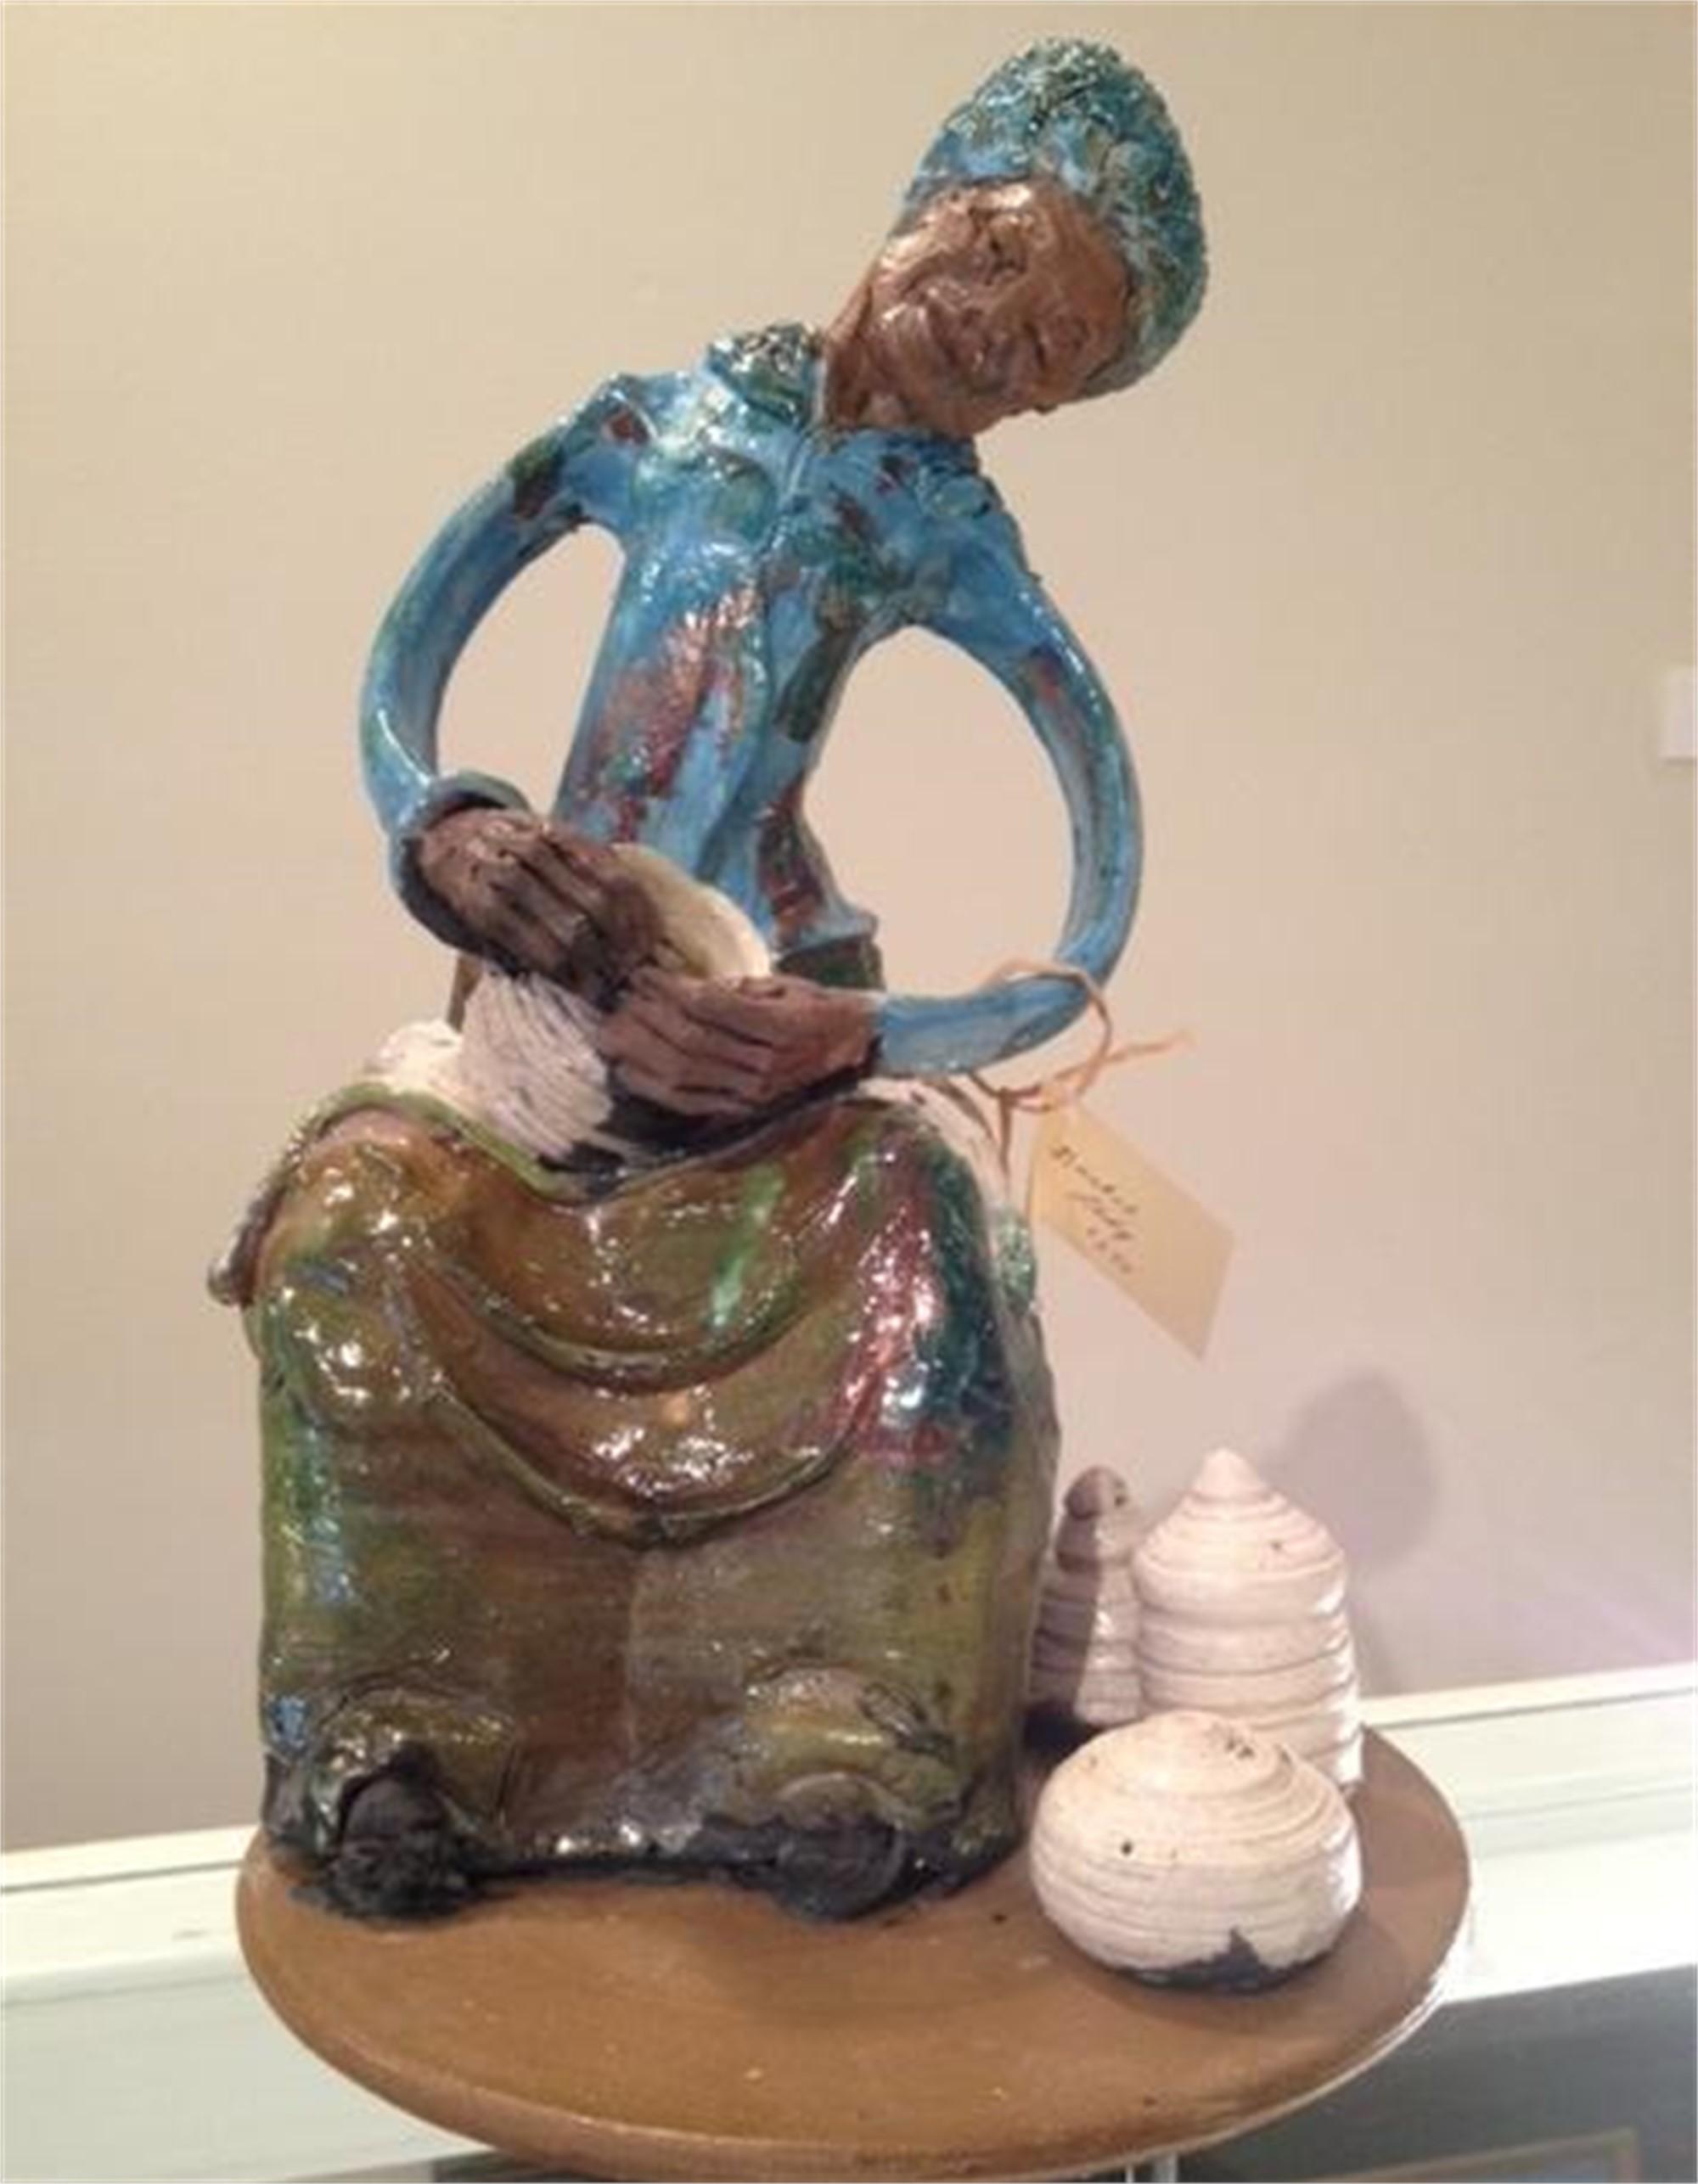 Raku Sculpture - Gullah Lady by Kate Krause